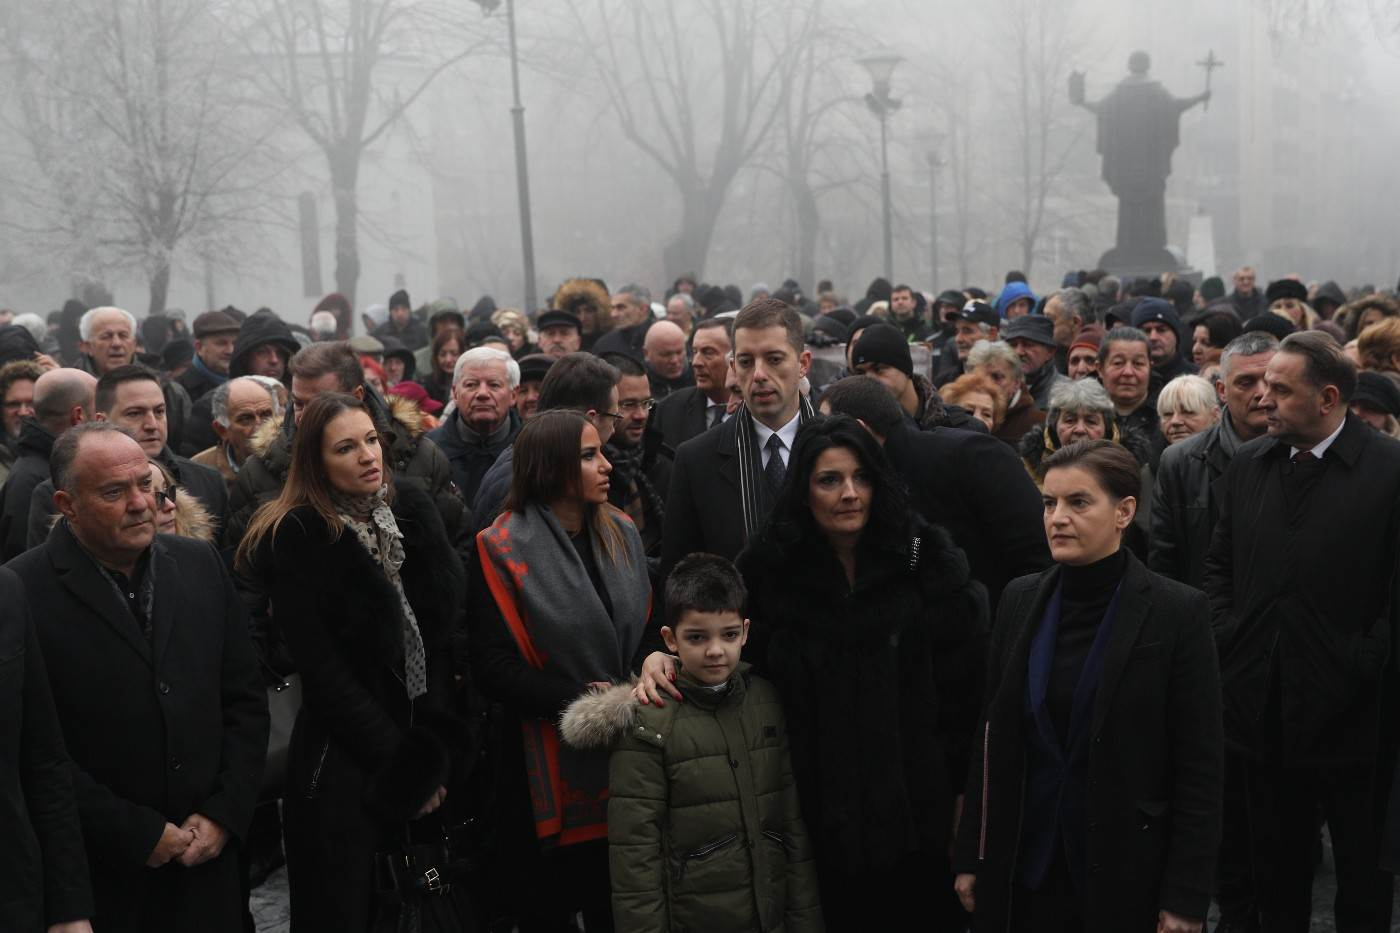 pomen-oliveru-ivanovicu-brnabic-srbija-nece-stati-dok-se-ne-nadu-ubice